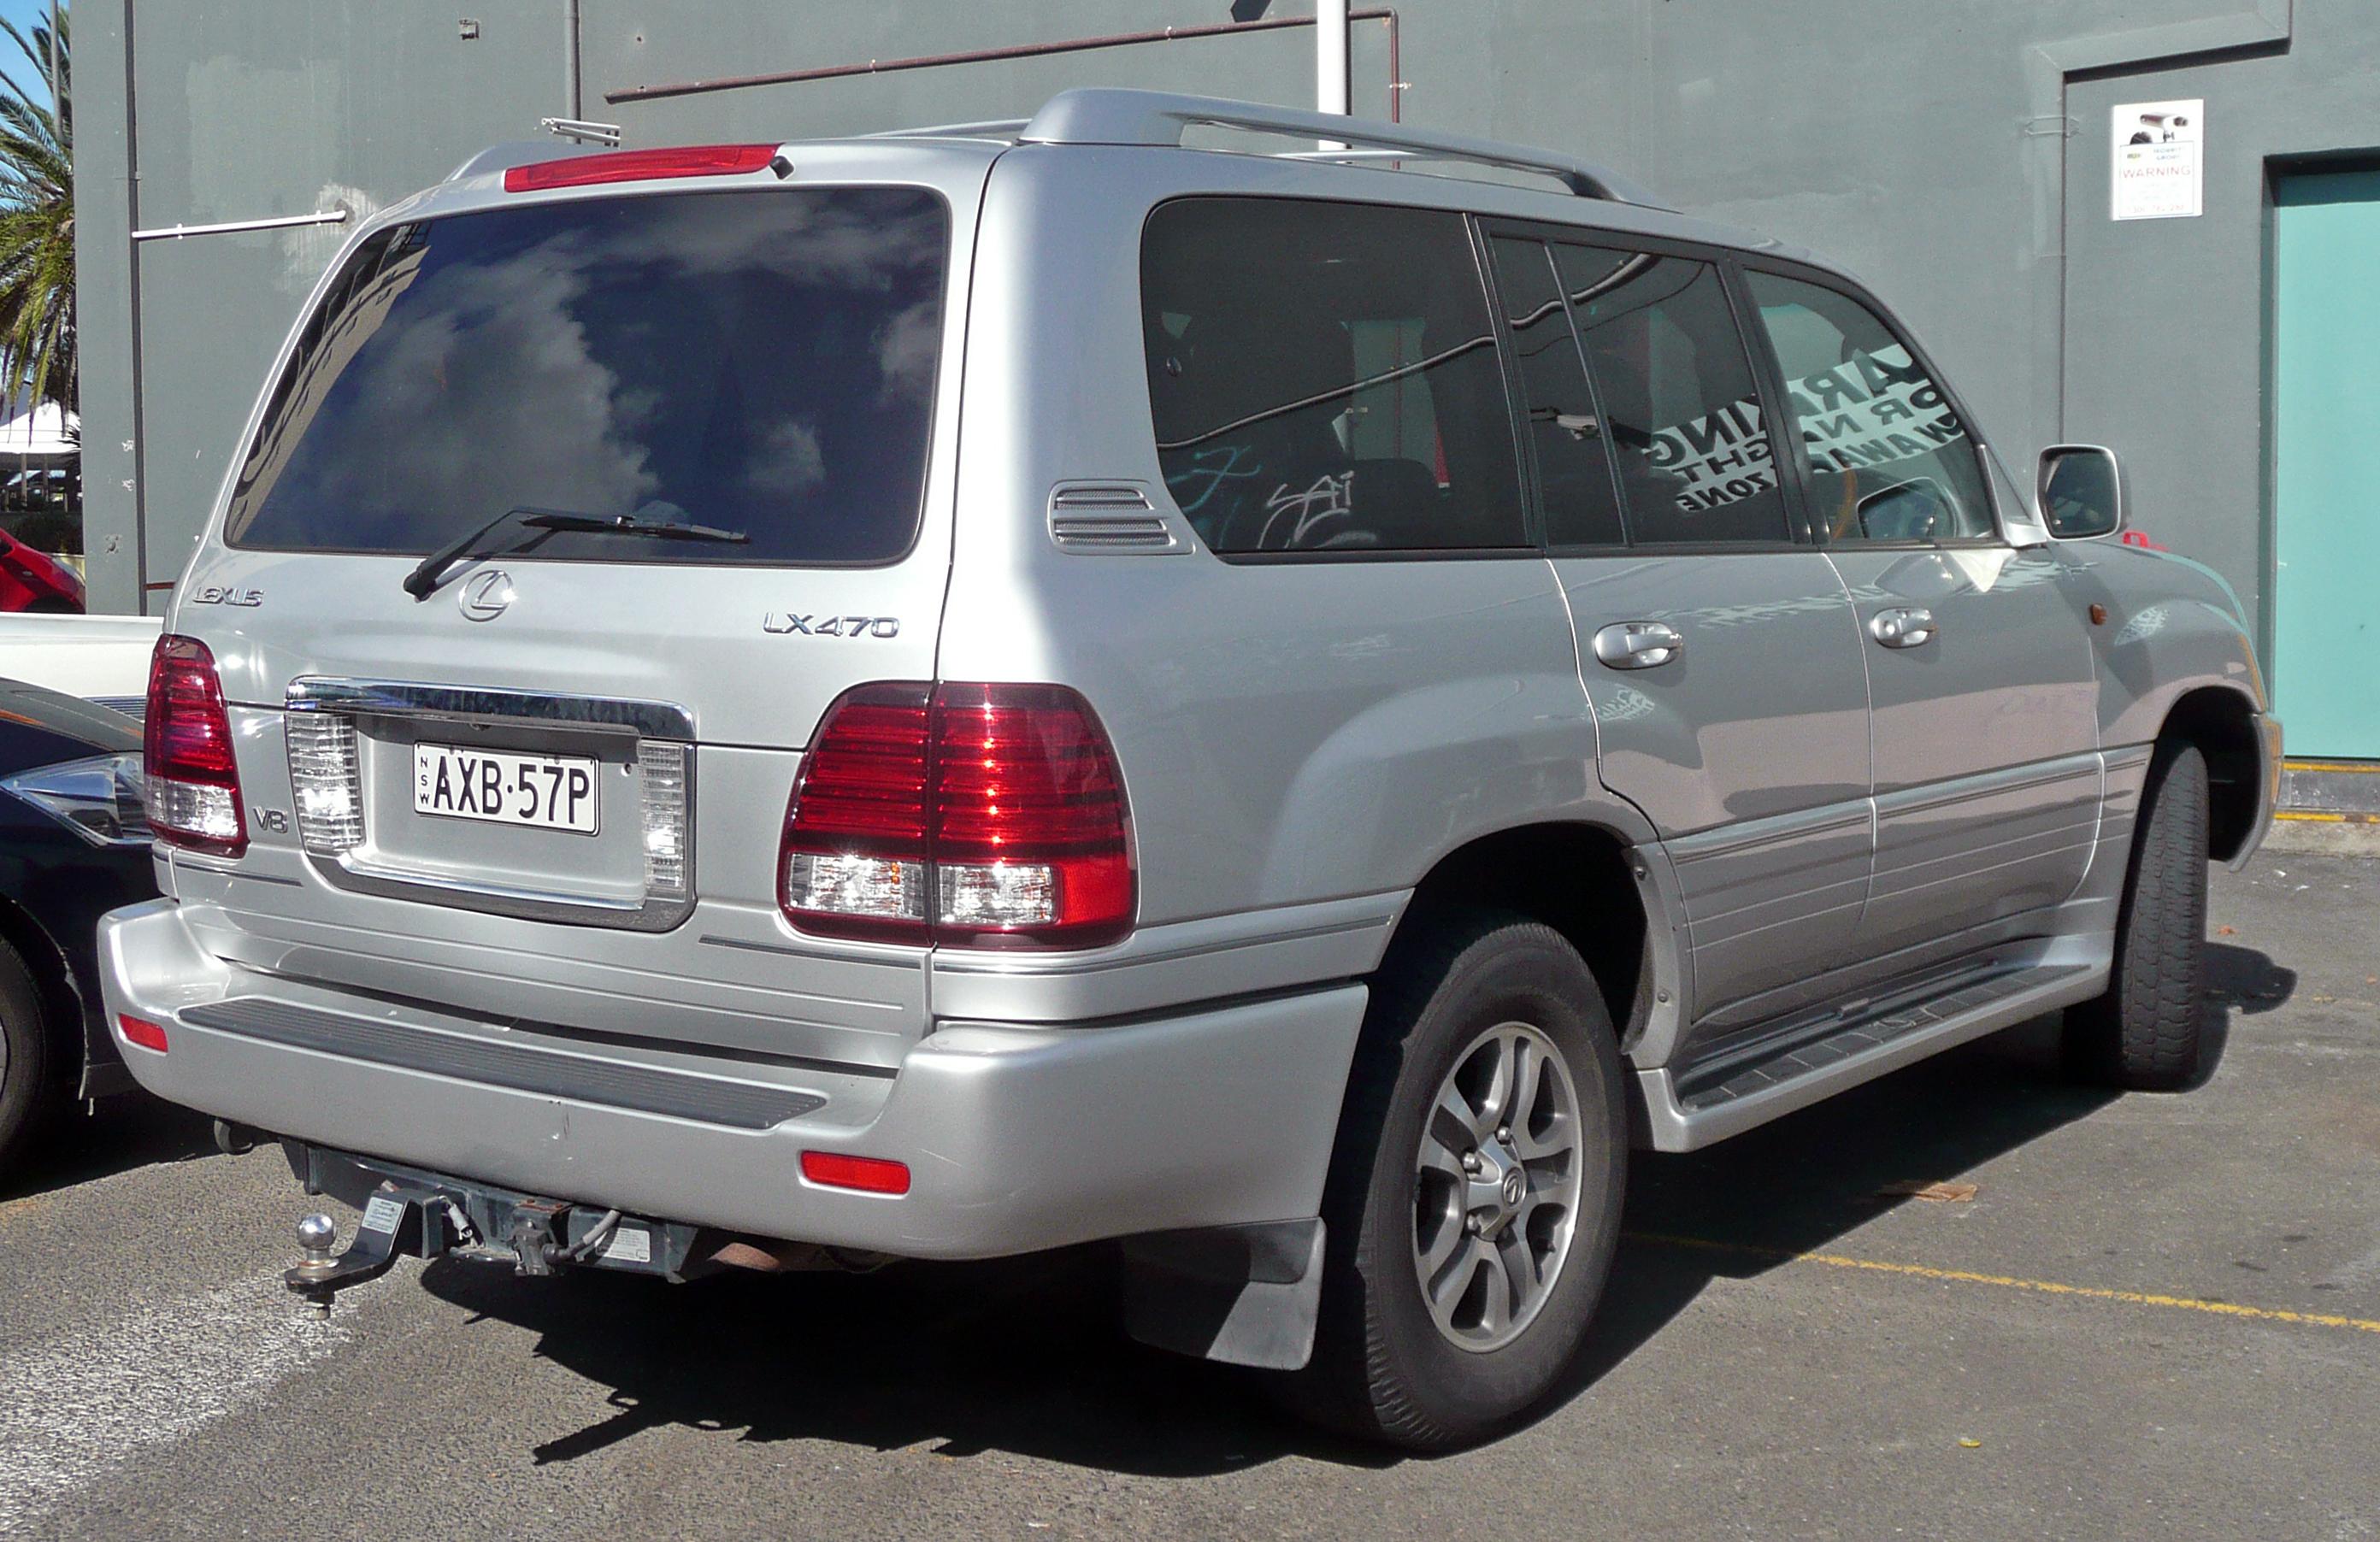 2007 LEXUS LX 470 - Image #13